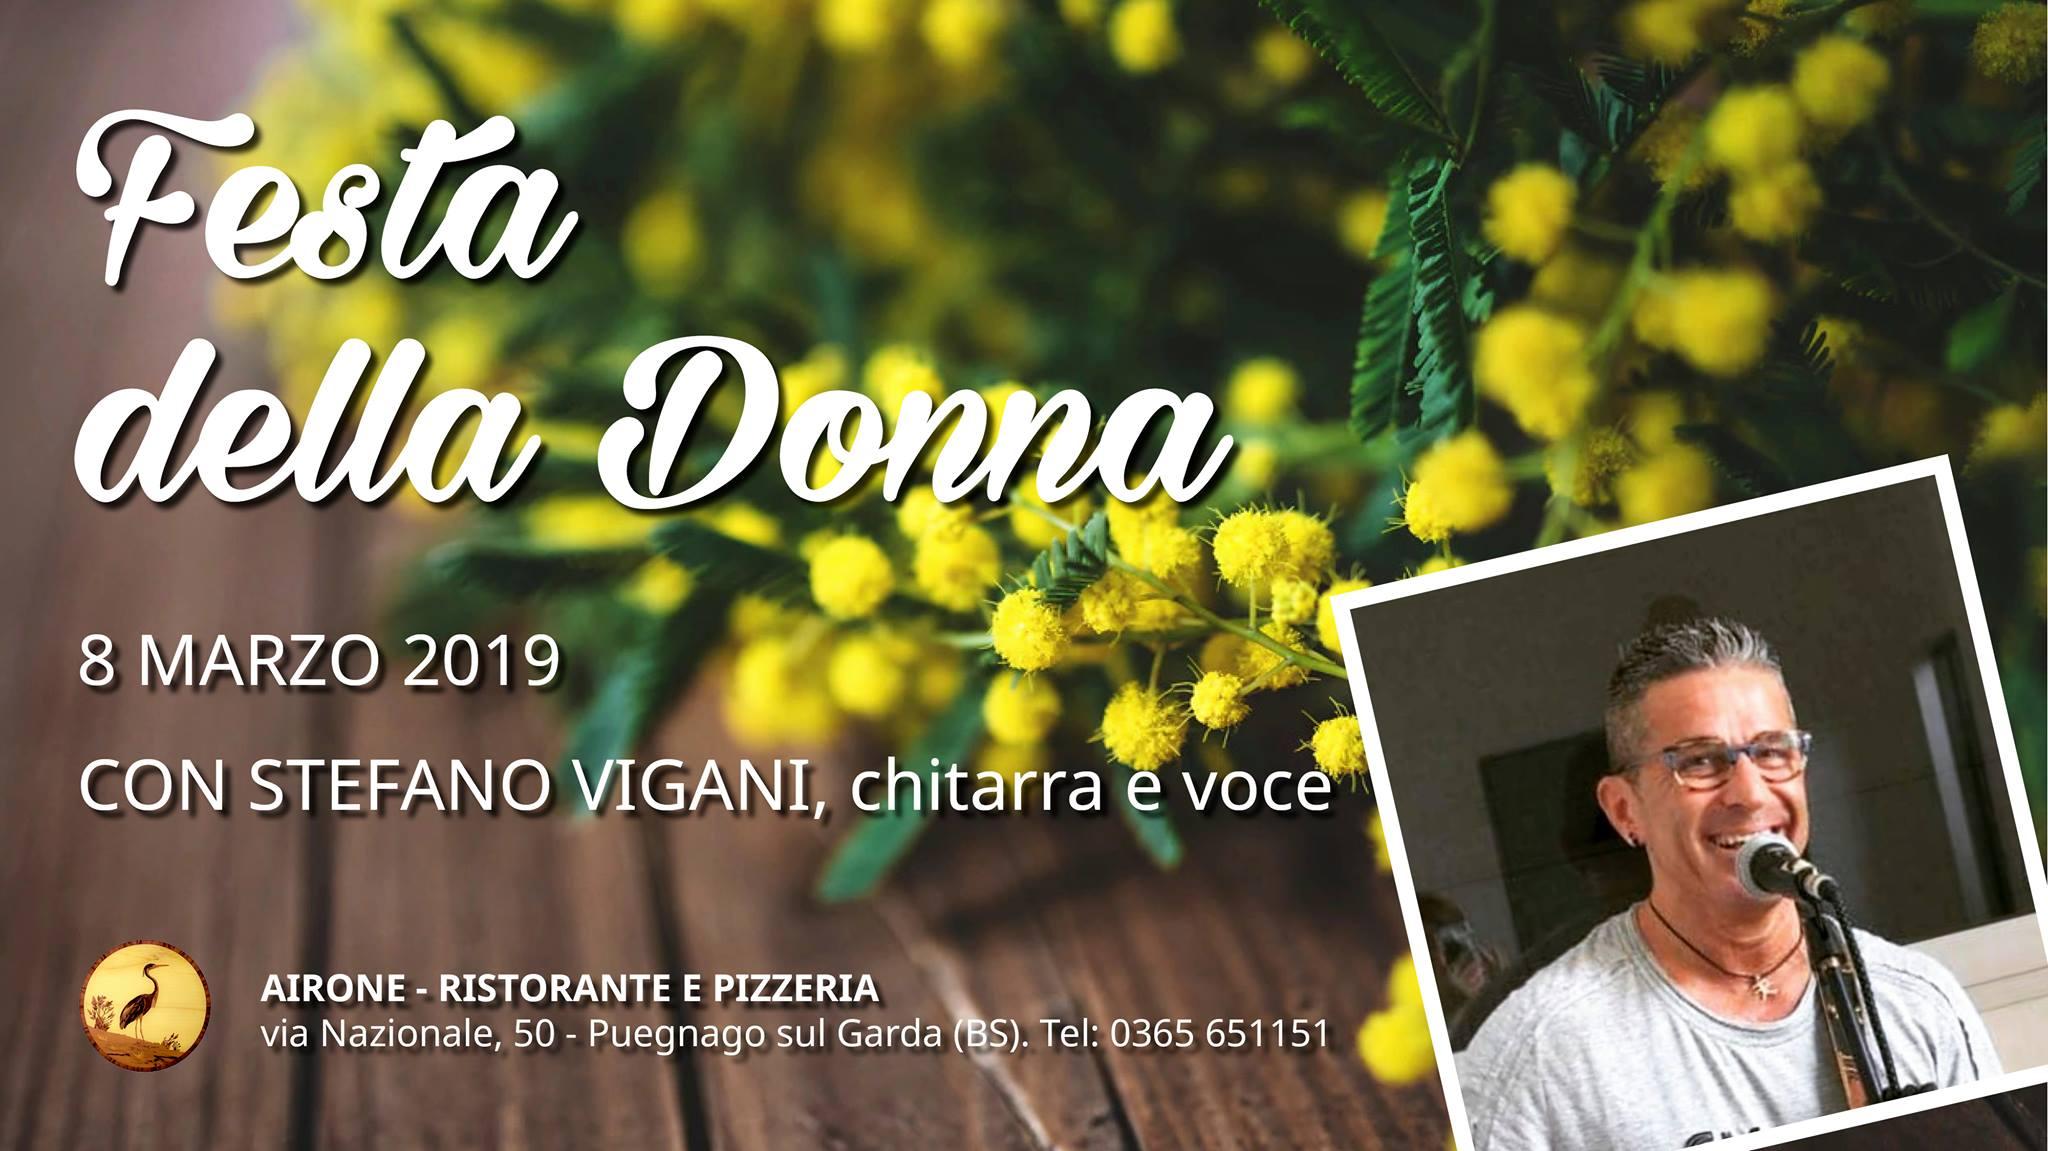 Festa della Donna 2019 con Stefano Vigani Live